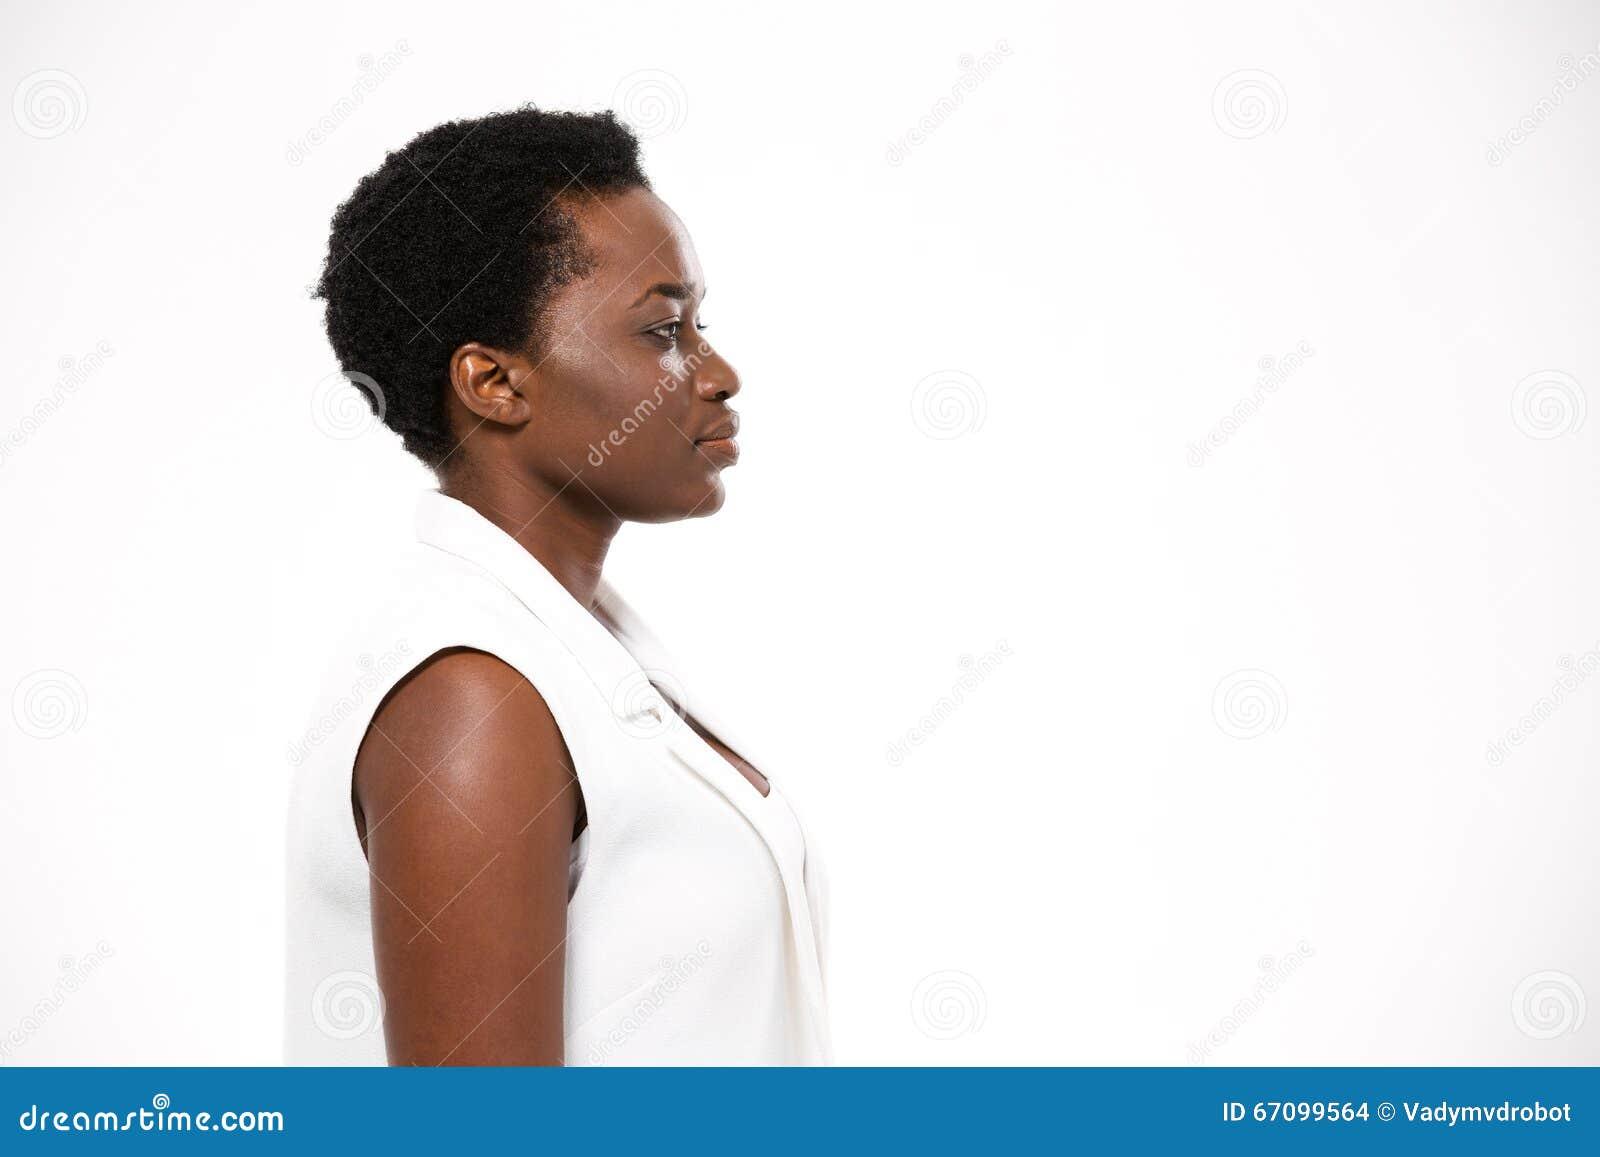 Profil De Belle Femme Serieuse D Afro Americain Avec La Coupe De Cheveux Courte Photo Stock Image Du Avec Coupe 67099564